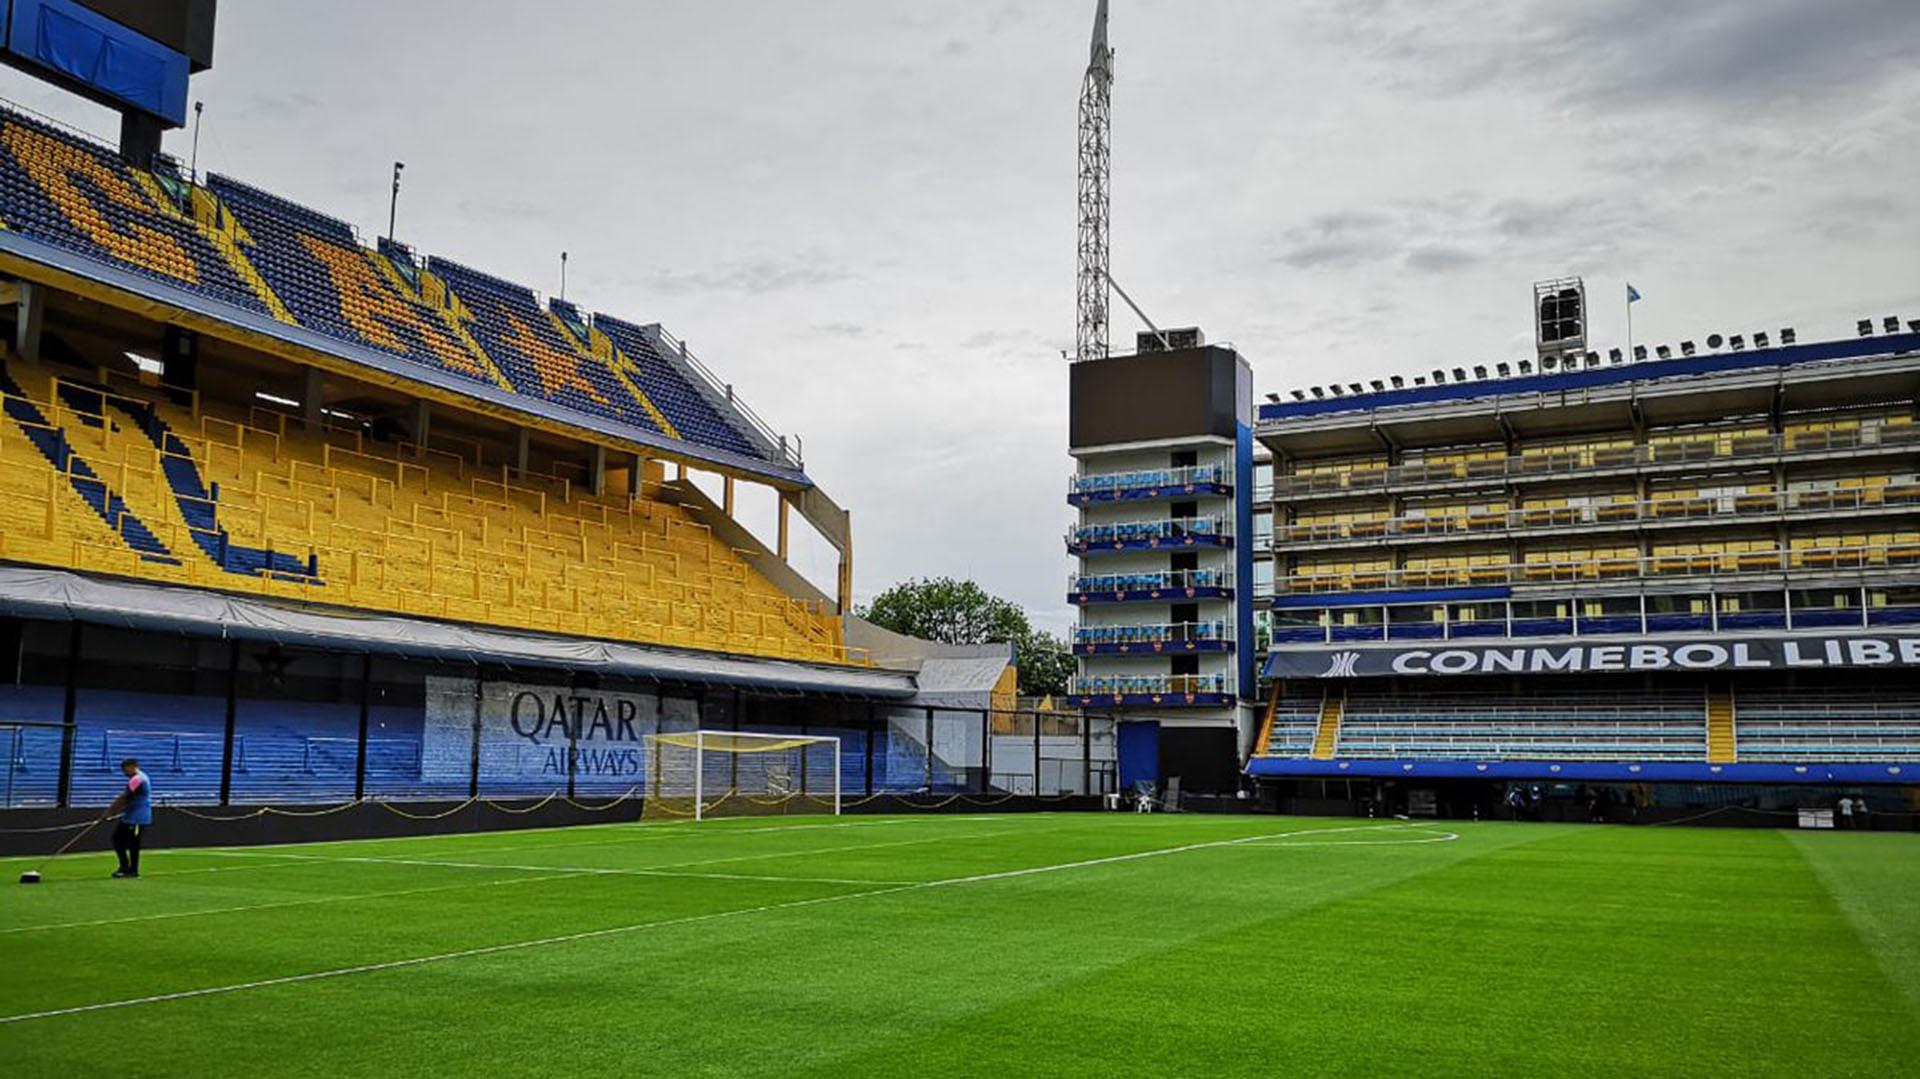 Los hombres encargados de mantener el campo de juego del estadio de Boca trabajaron durante toda la noche para ayudar a drenar la cantidad de agua caída ayer (@Libertadores)